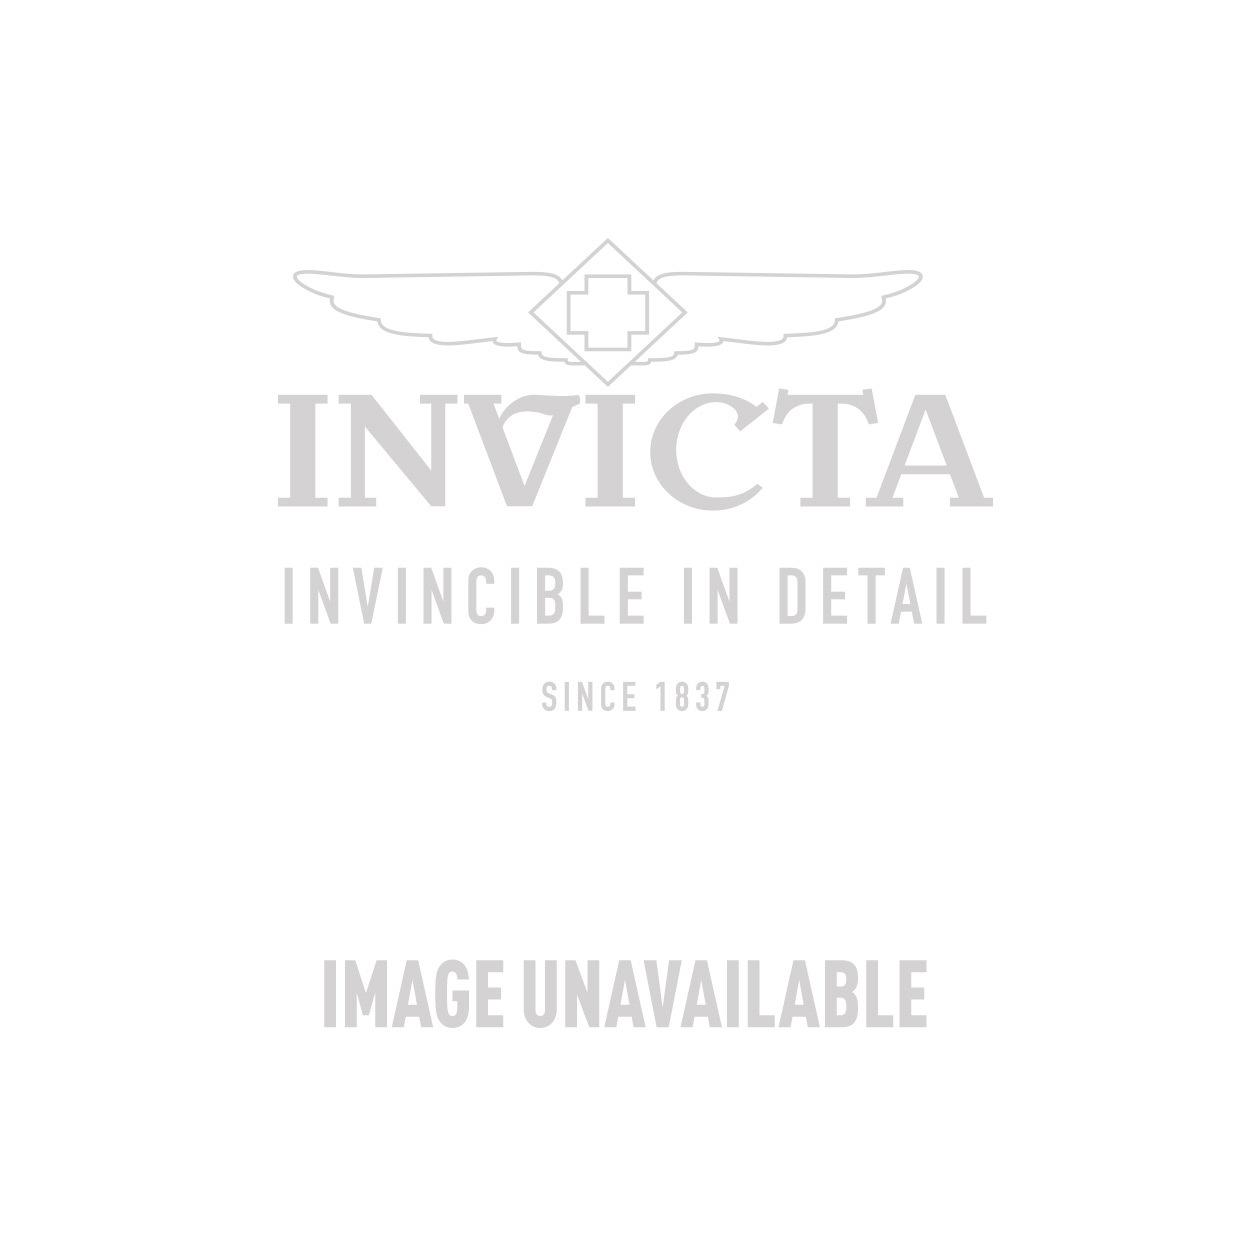 Invicta Model 24122